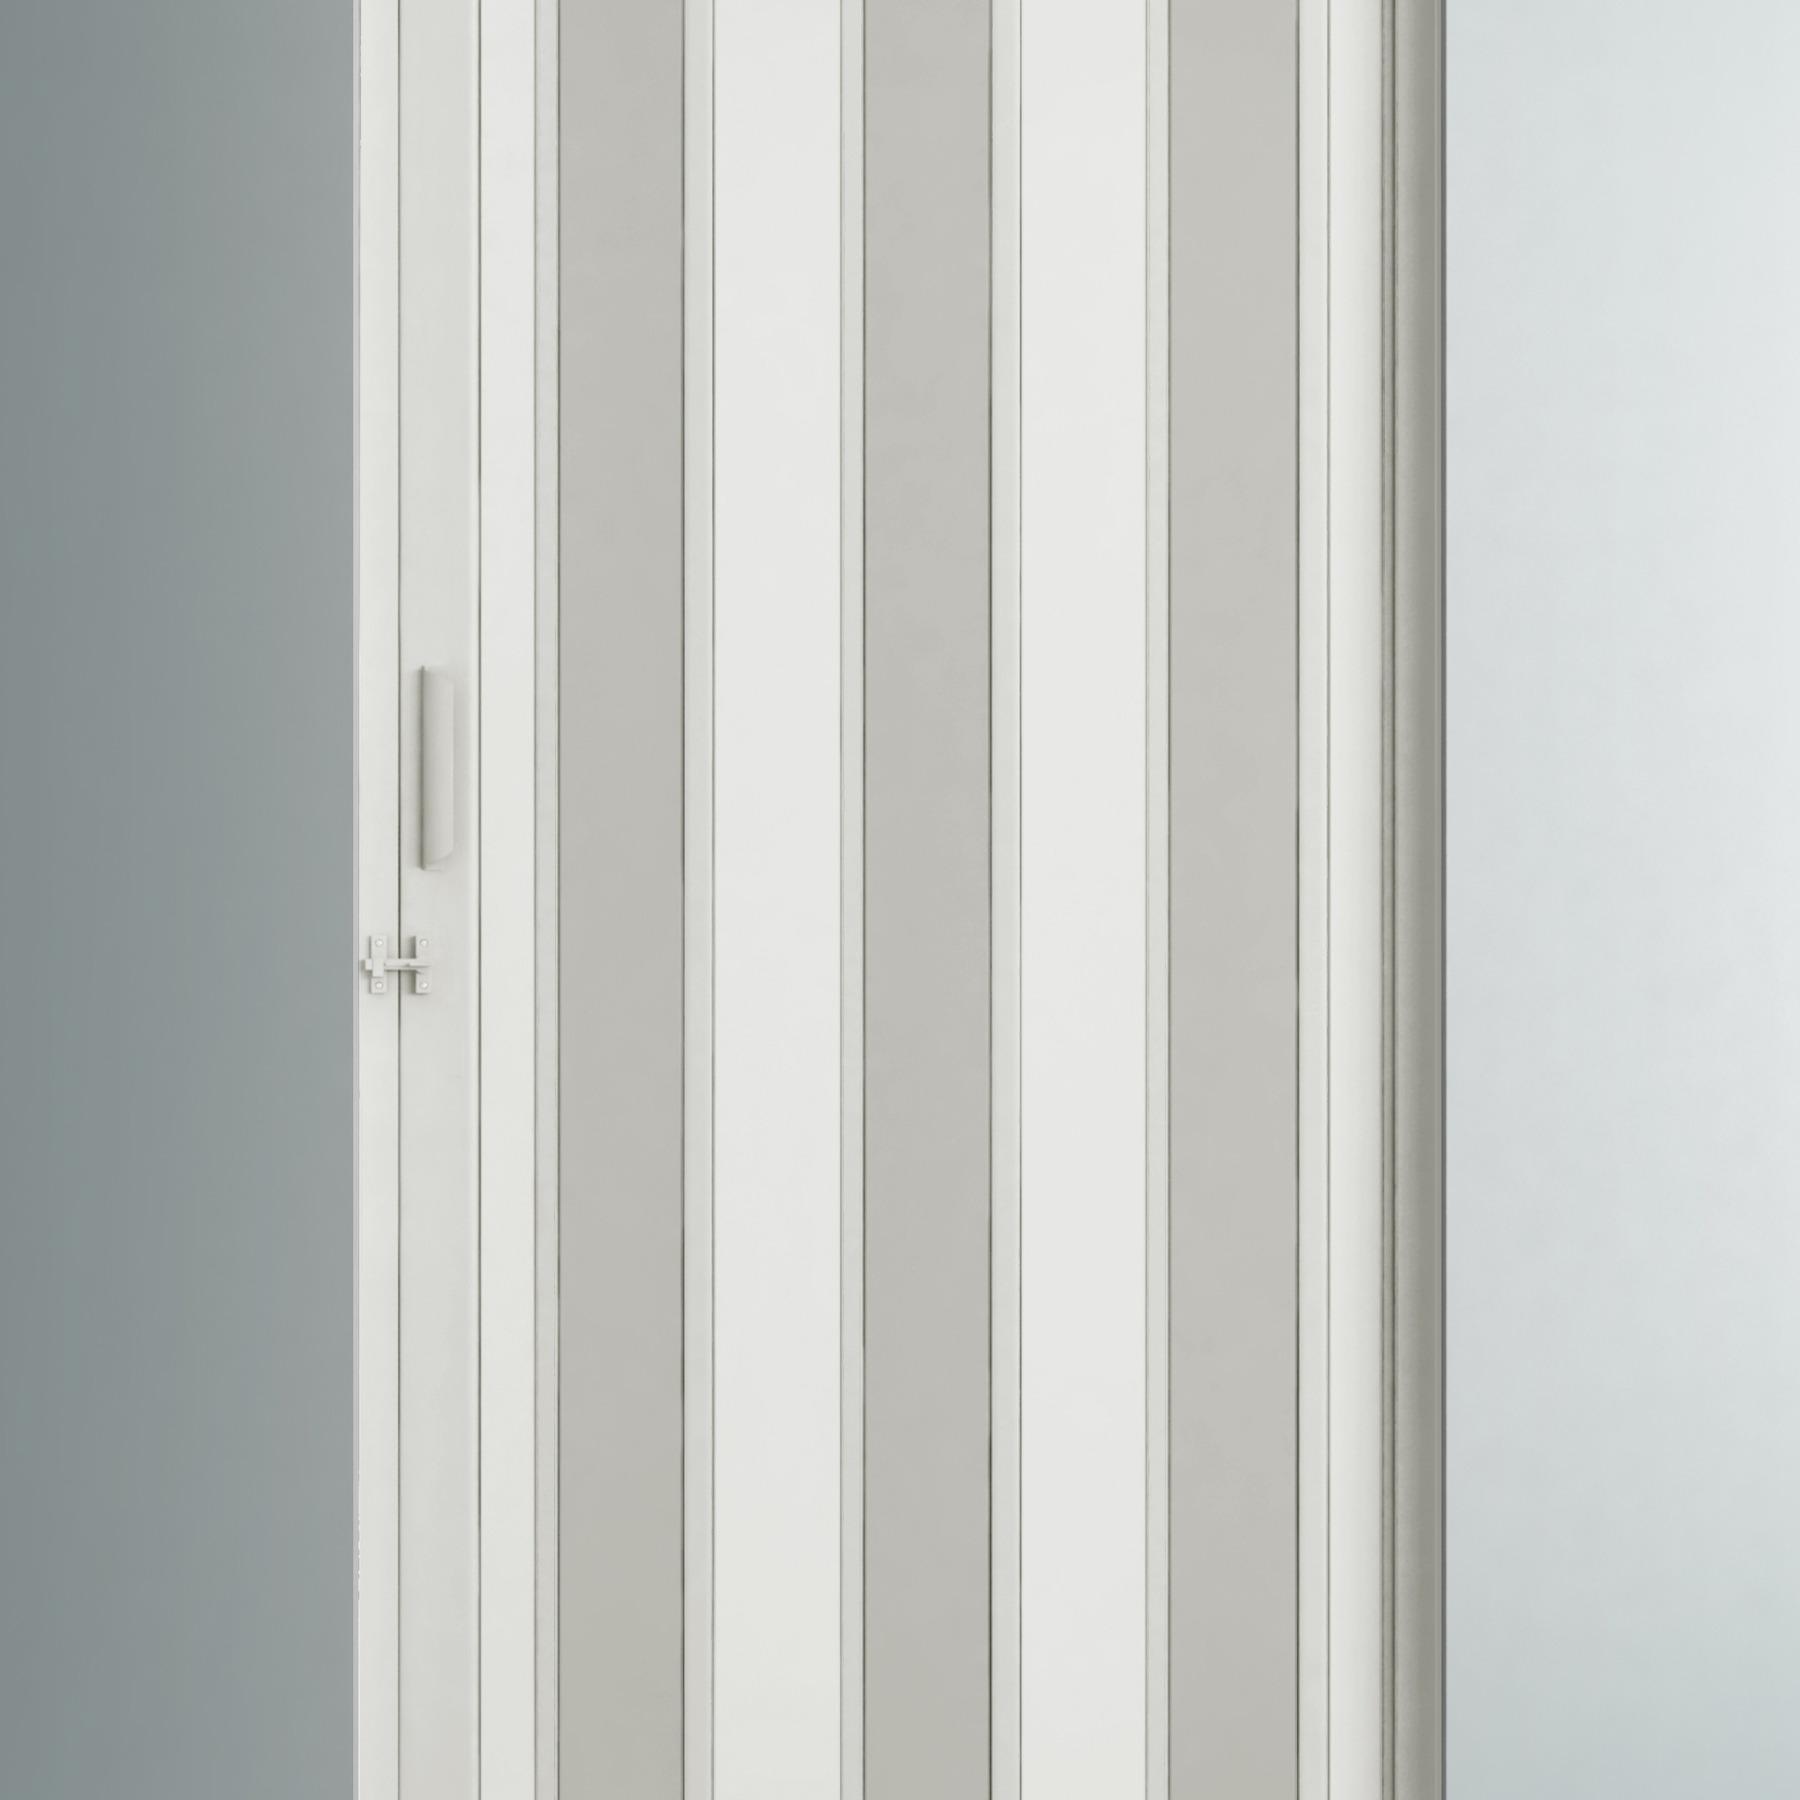 Porta montada sanfonado lisa pl stico ambos os lados 2 for Tejas de plastico leroy merlin